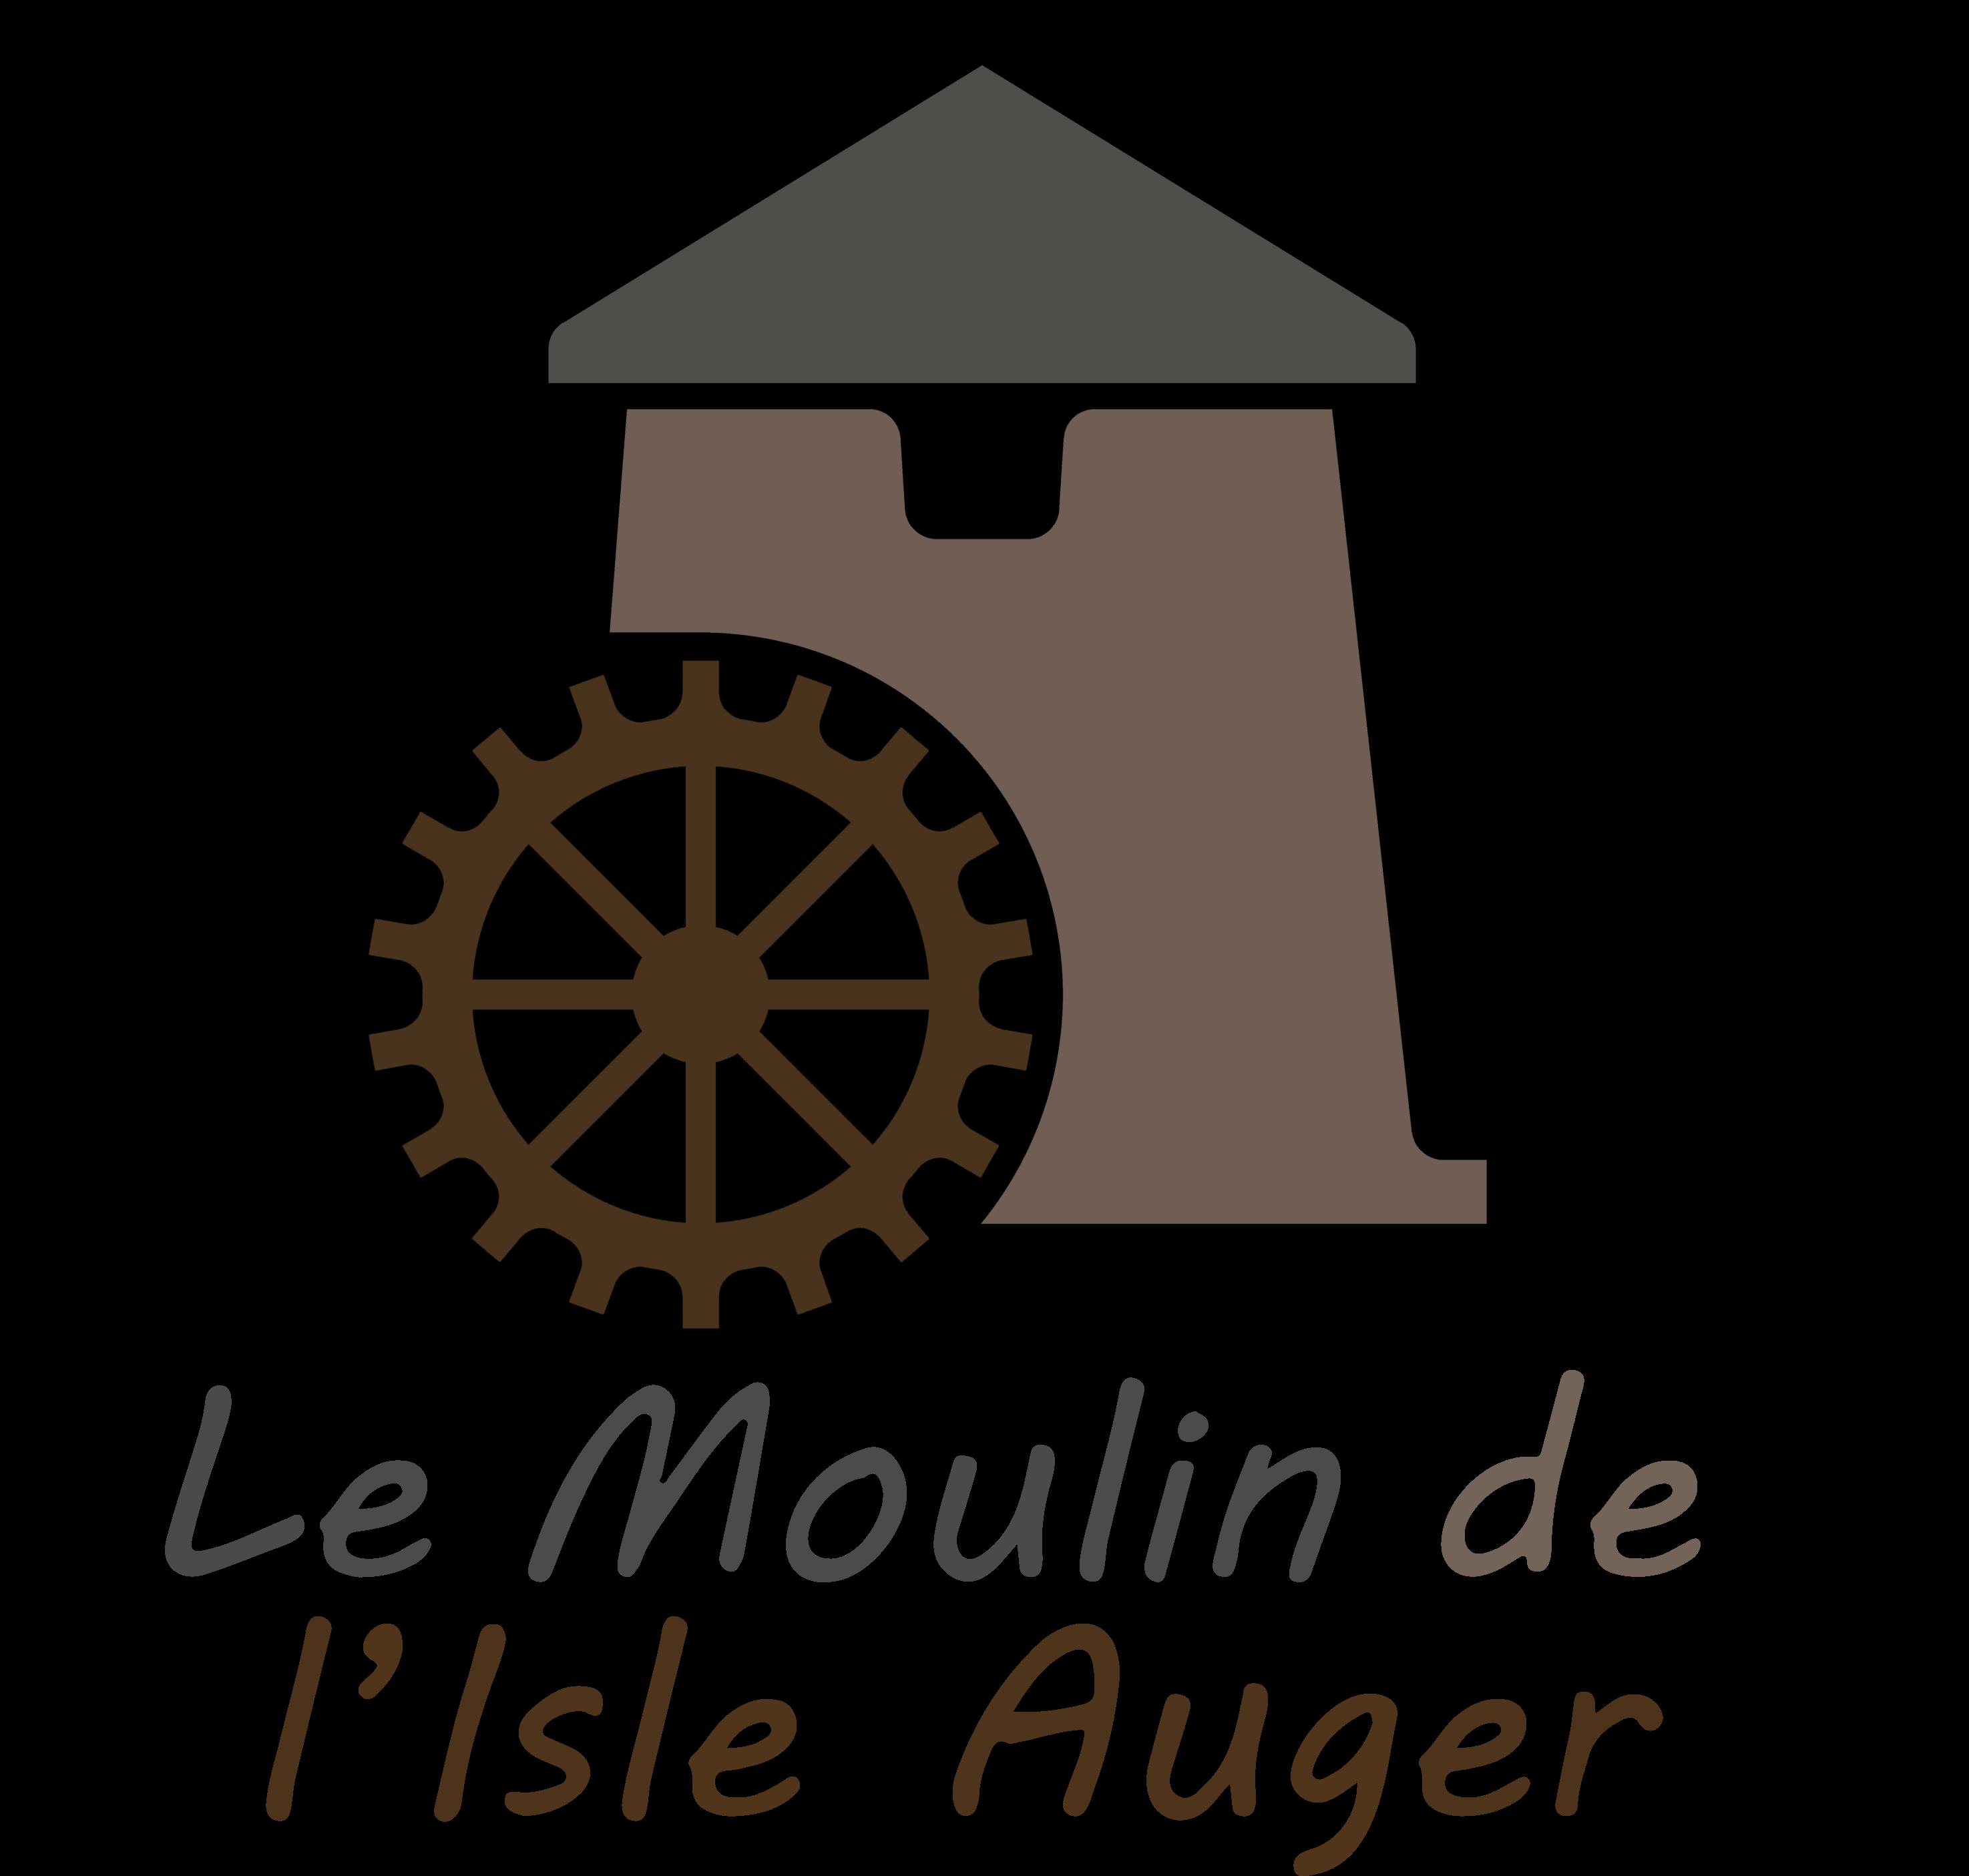 Moulin de l'Isle Auger